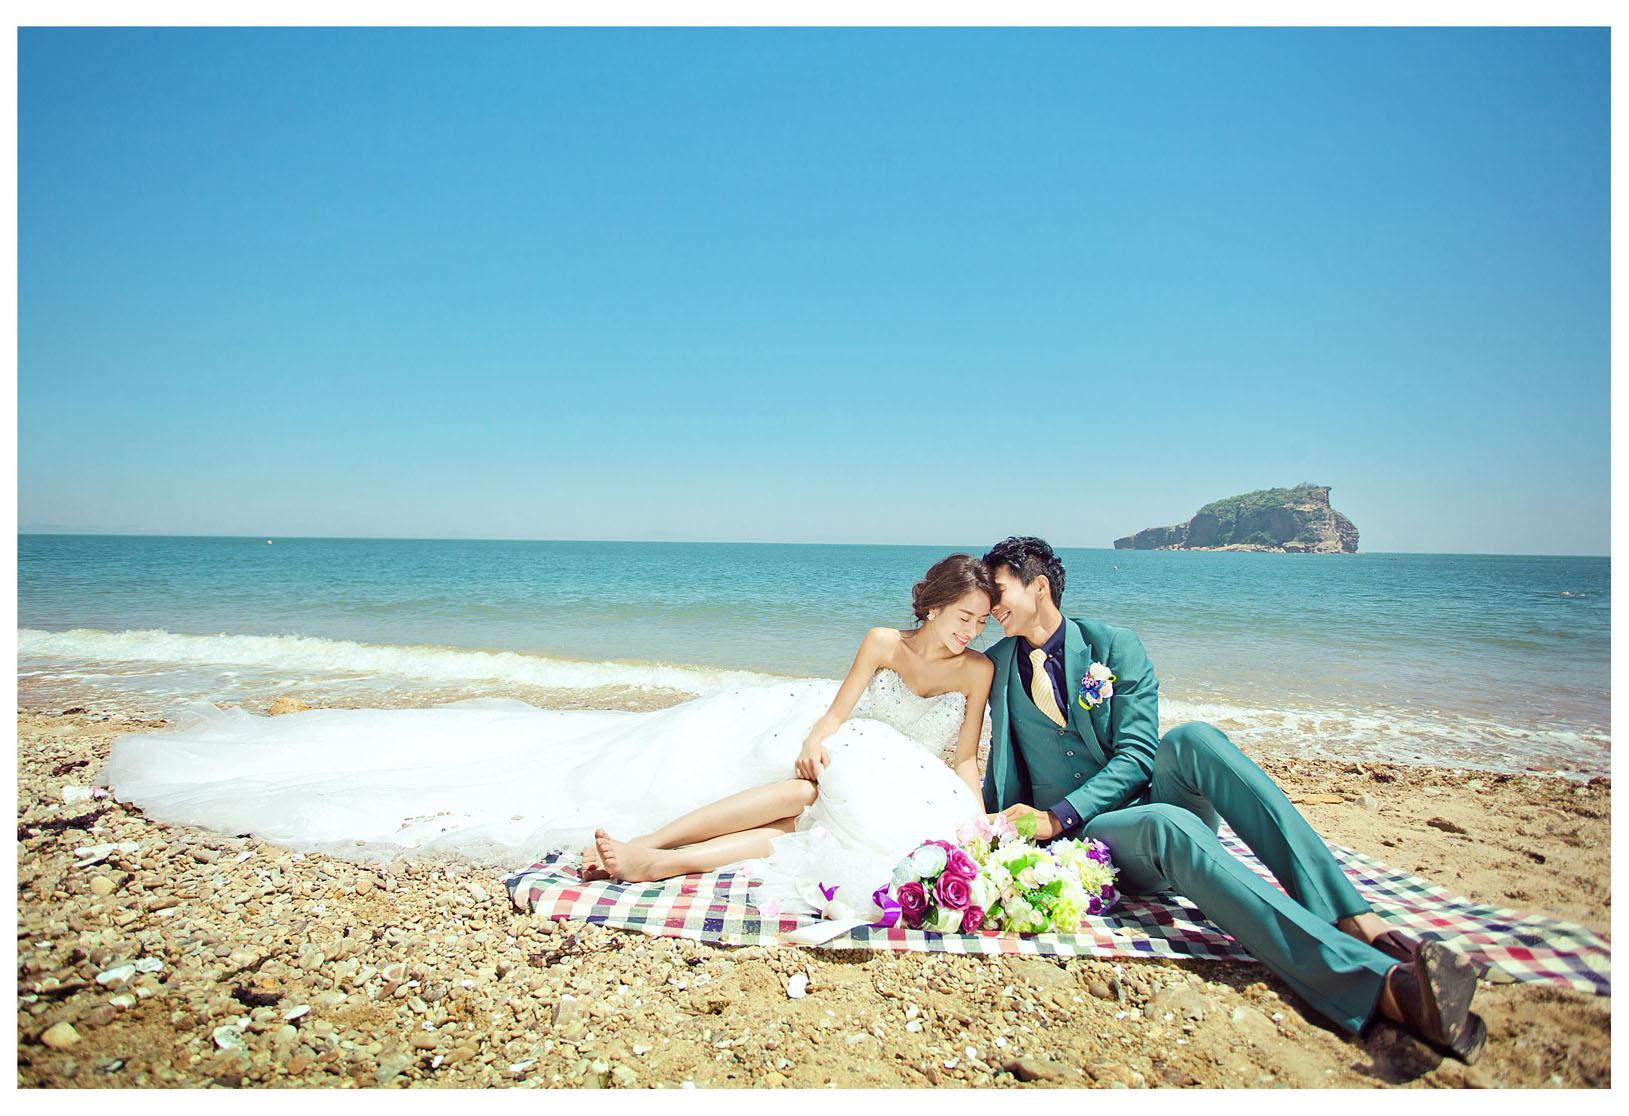 大连棒棰岛(5)_婚纱摄影小编的相册_黑光达人